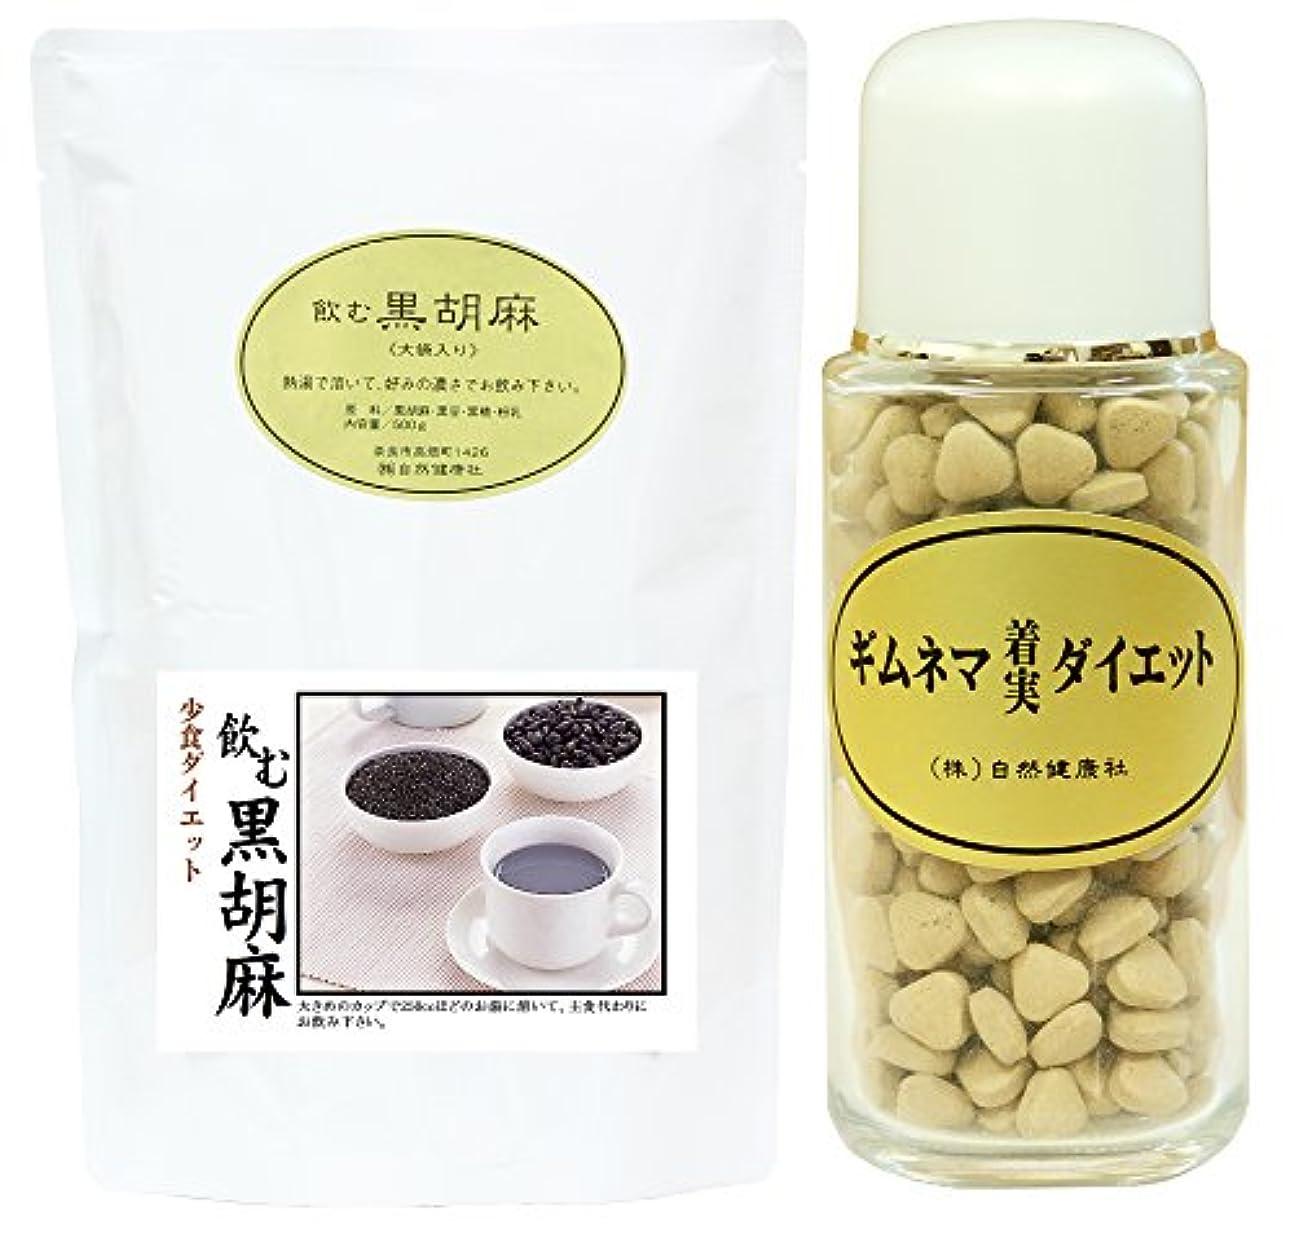 ヤギバケツ寄稿者自然健康社 飲む黒胡麻?大袋 500g + ギムネマダイエット 90g